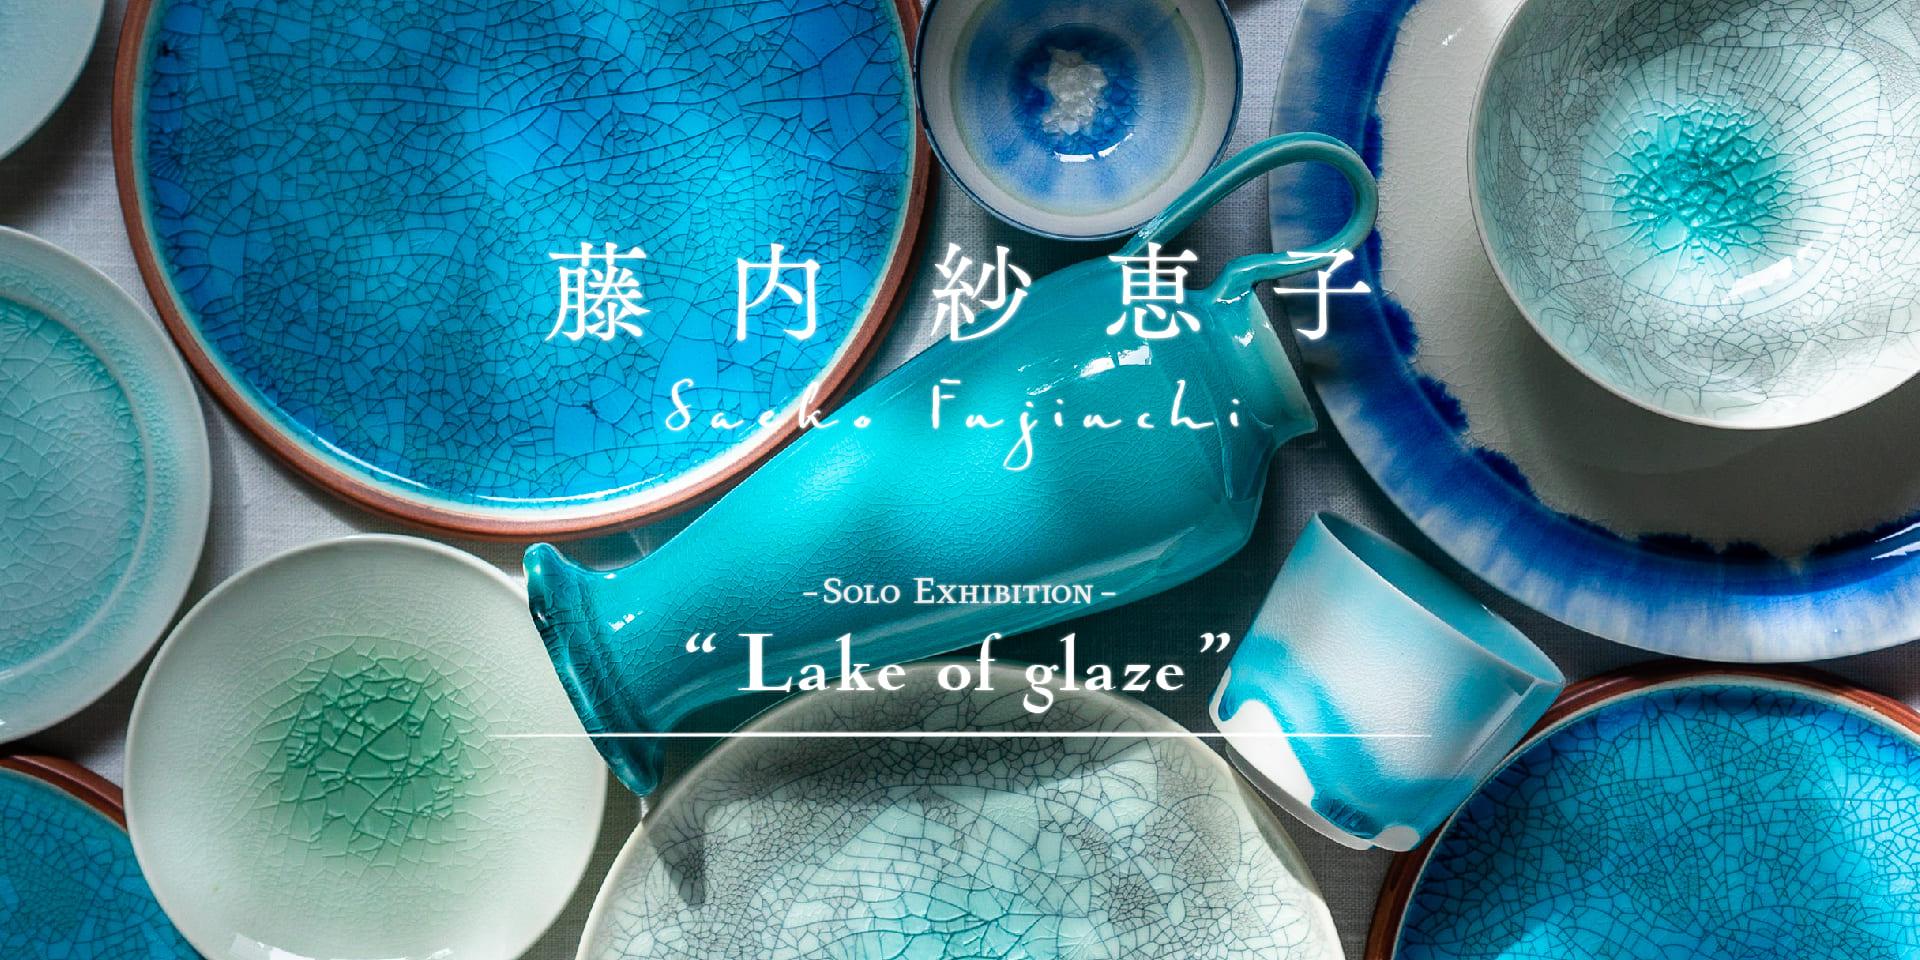 藤内紗恵子 個人展『Lake of glaze』